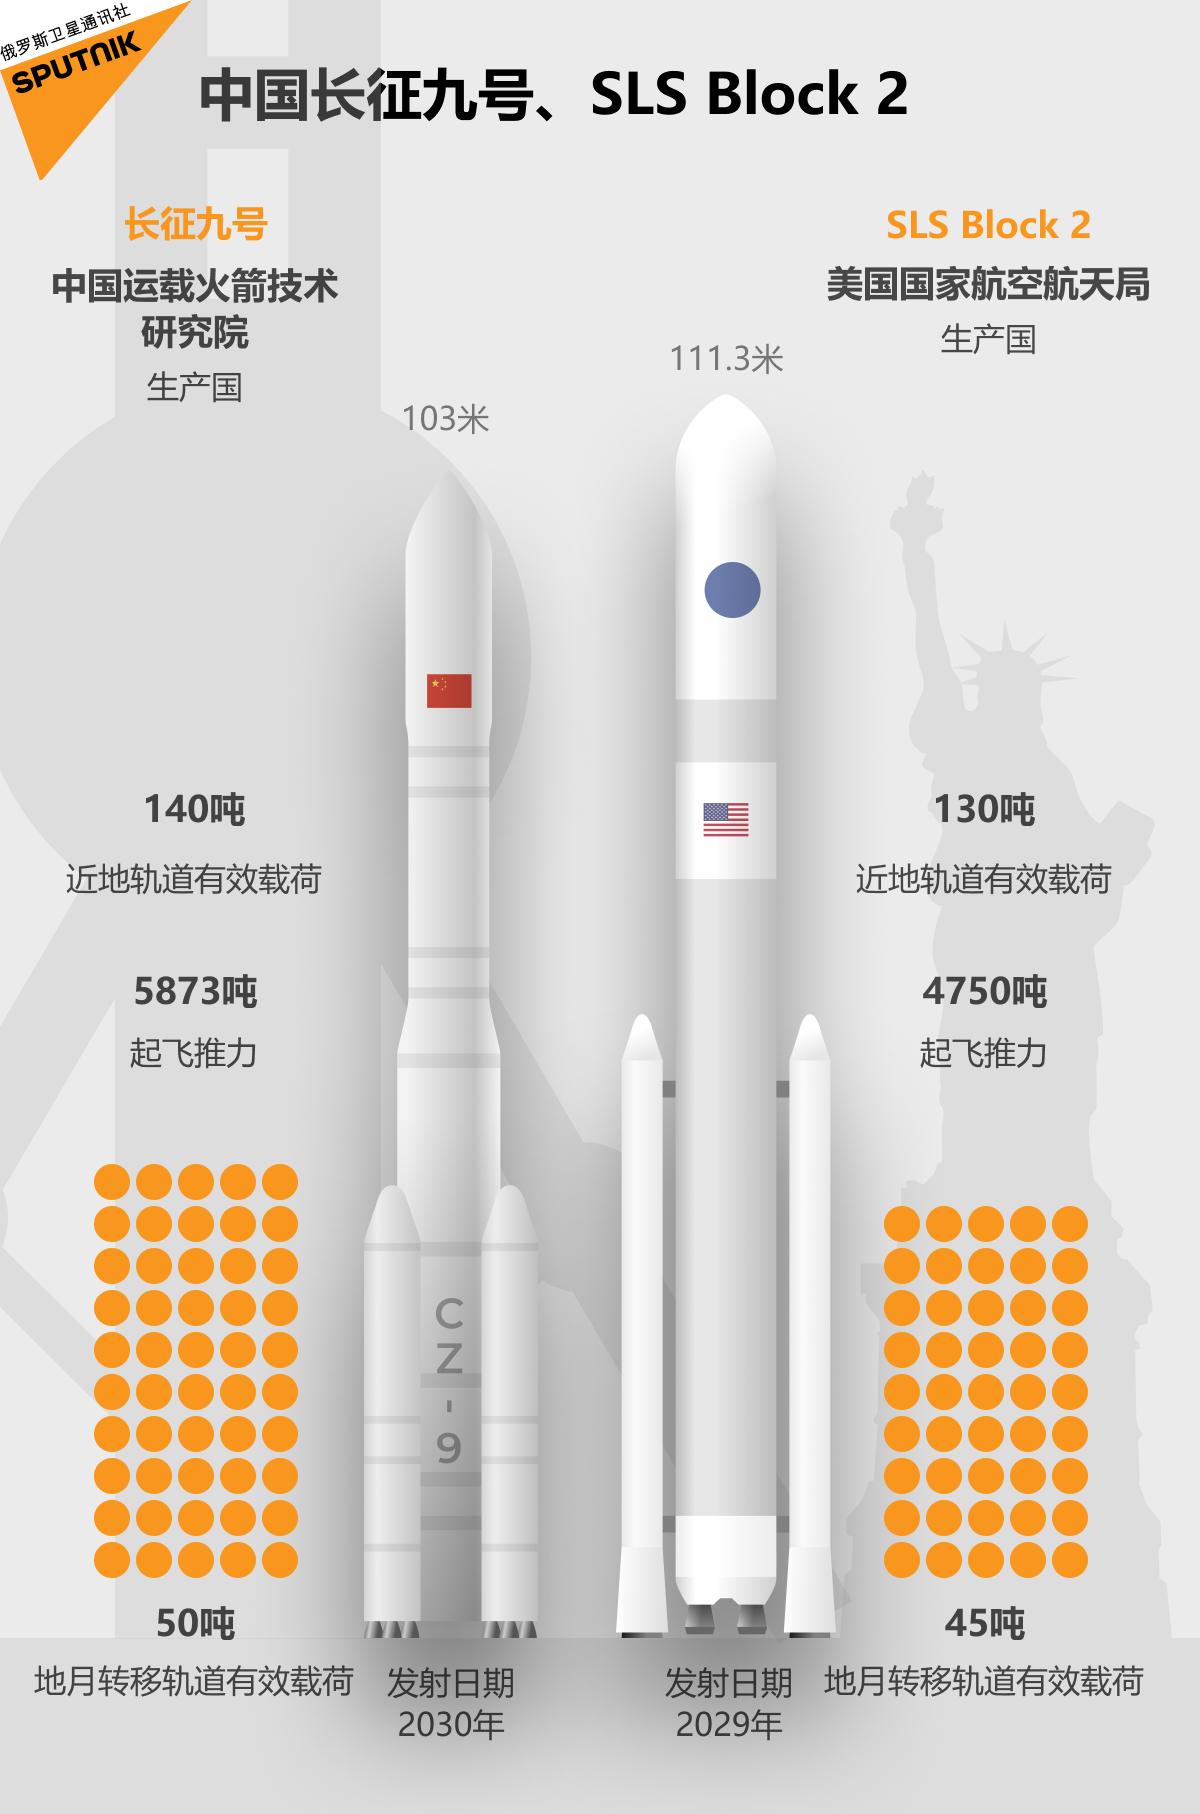 中国长征九号、SLS Block 2